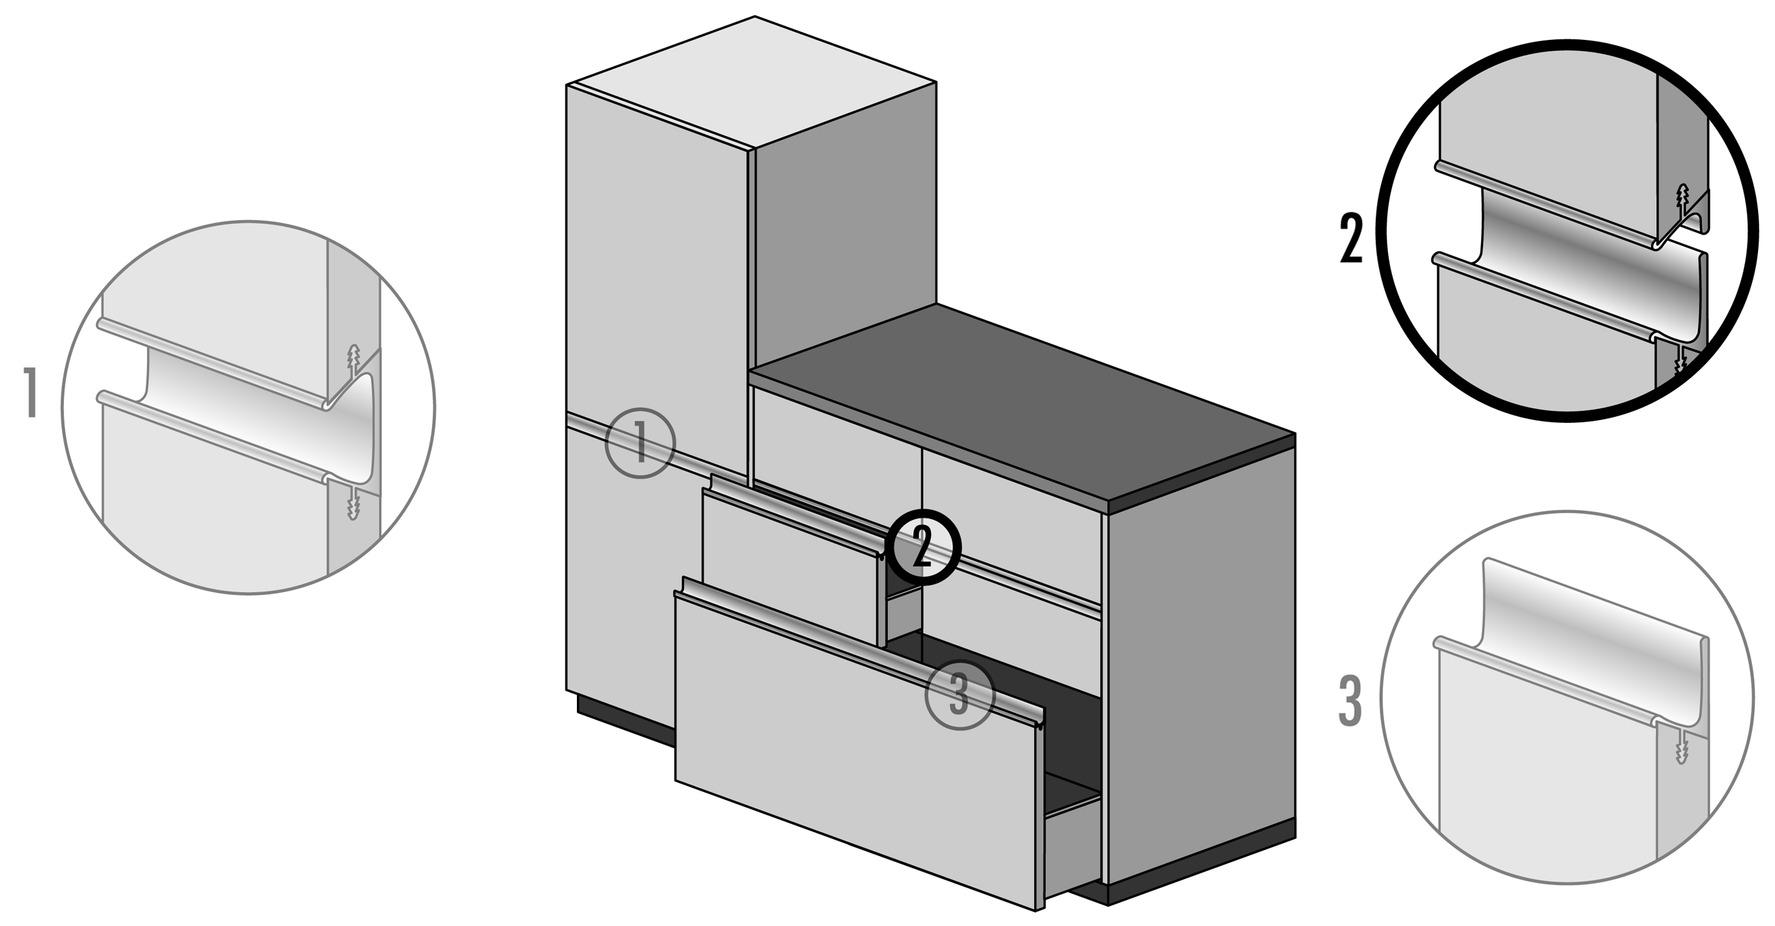 Griffleistenprofile mit Profilhöhe 16 mm auf Mass